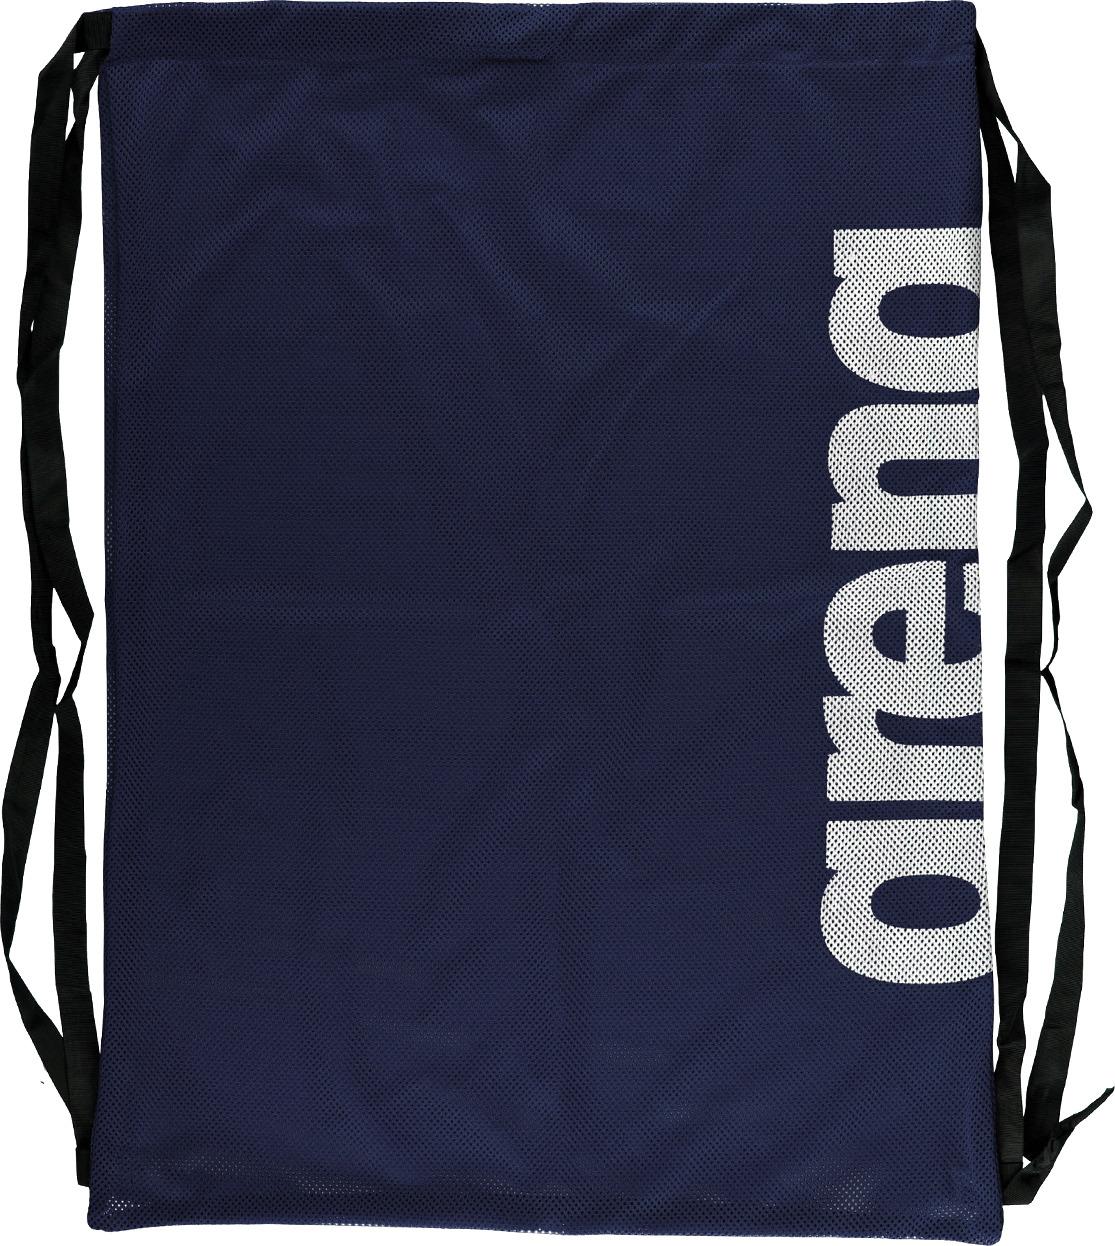 Сумка-мешок Arena, цвет:  темно-синий, 65 х 45 см.  1E045 76 Arena